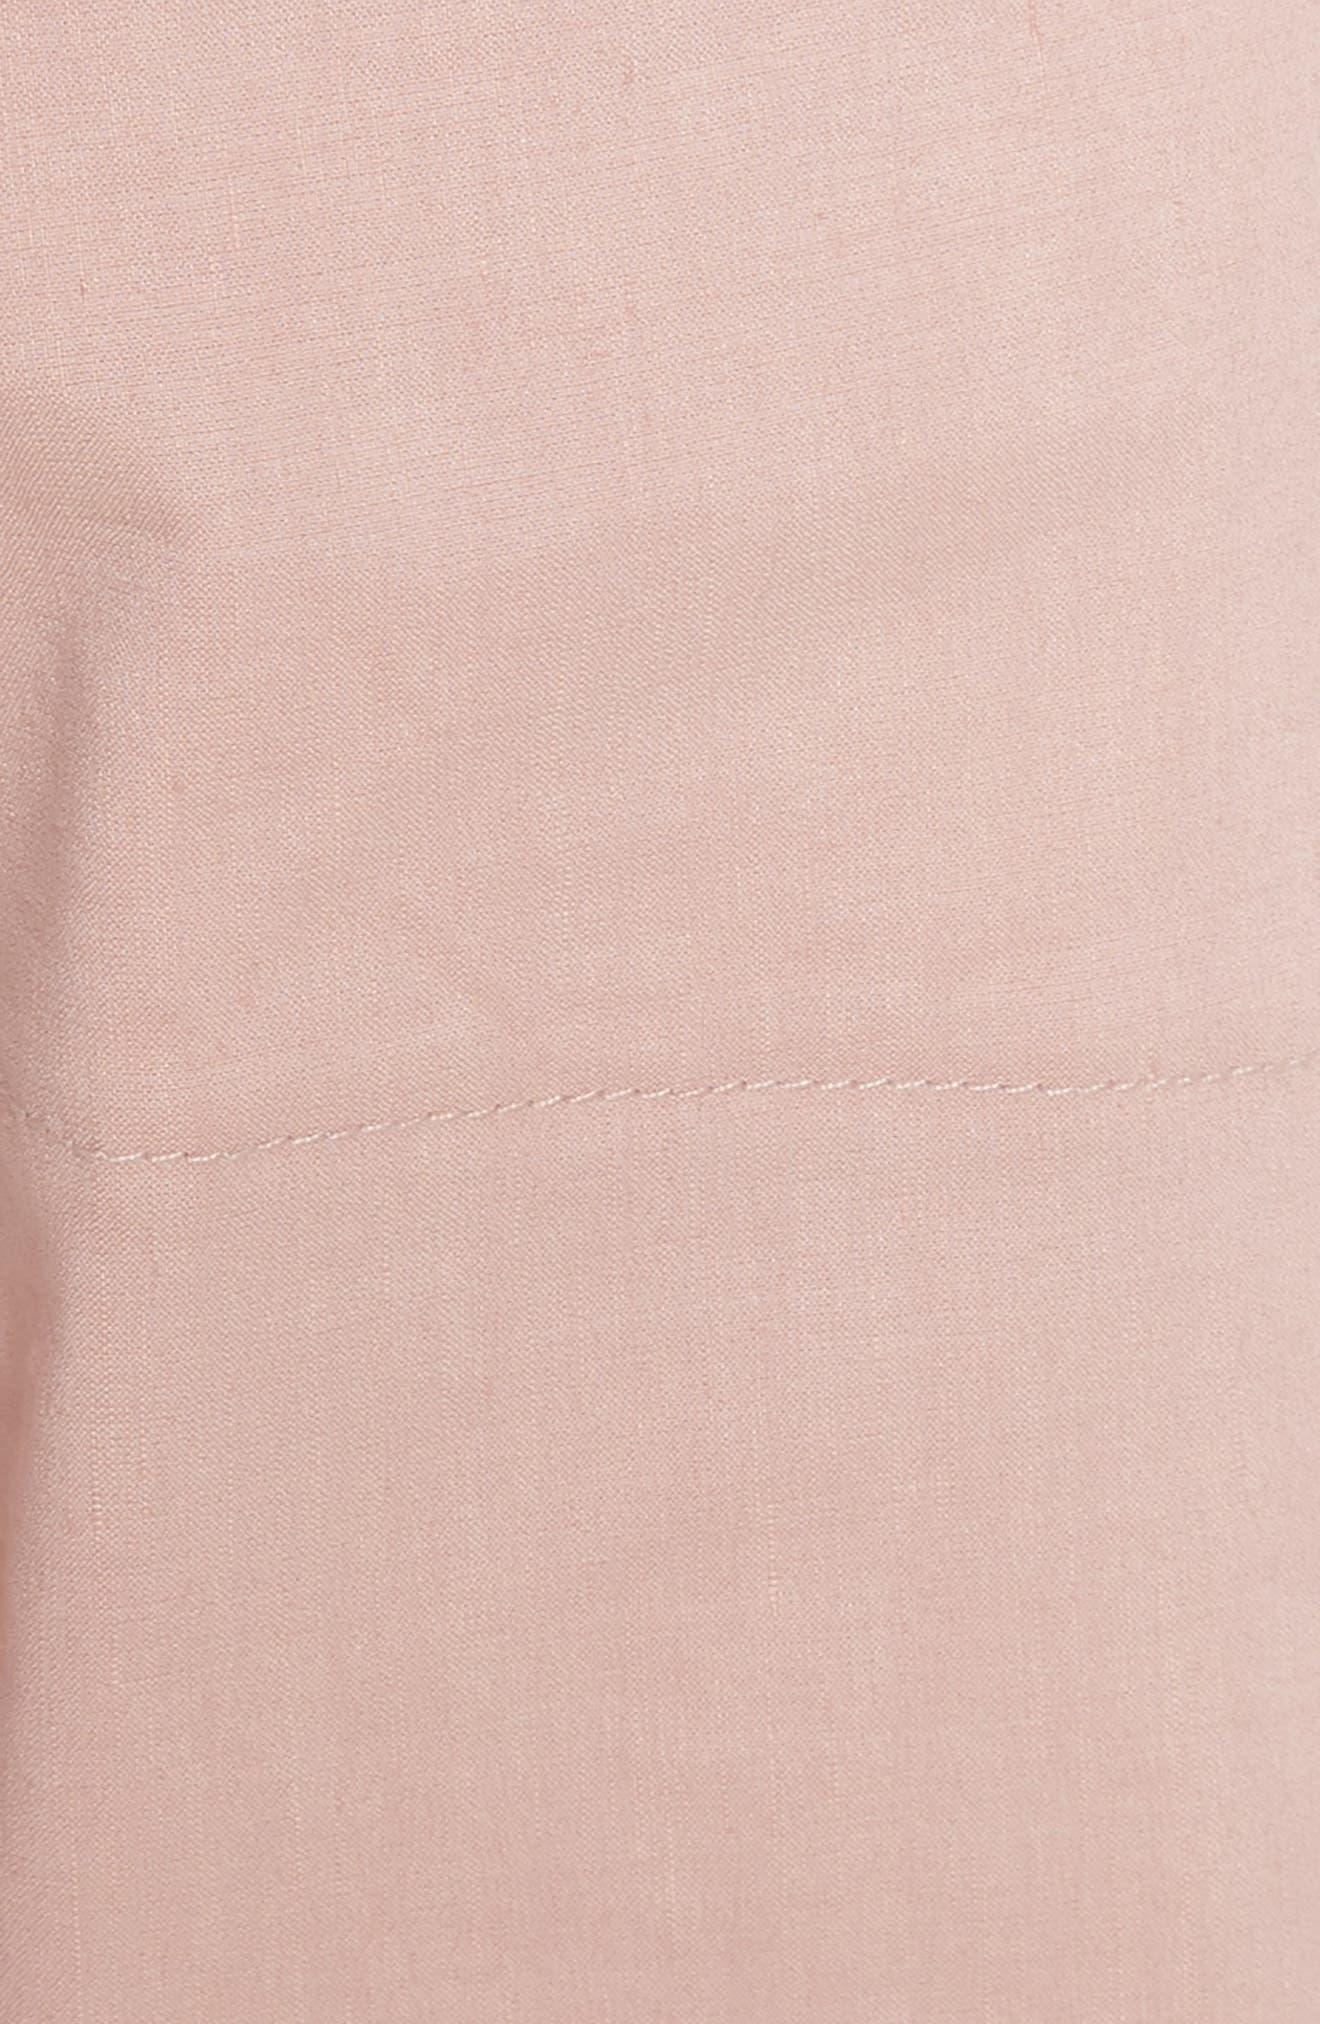 Fluid Wide Leg Crop Pants,                             Alternate thumbnail 5, color,                             Pink Ballet